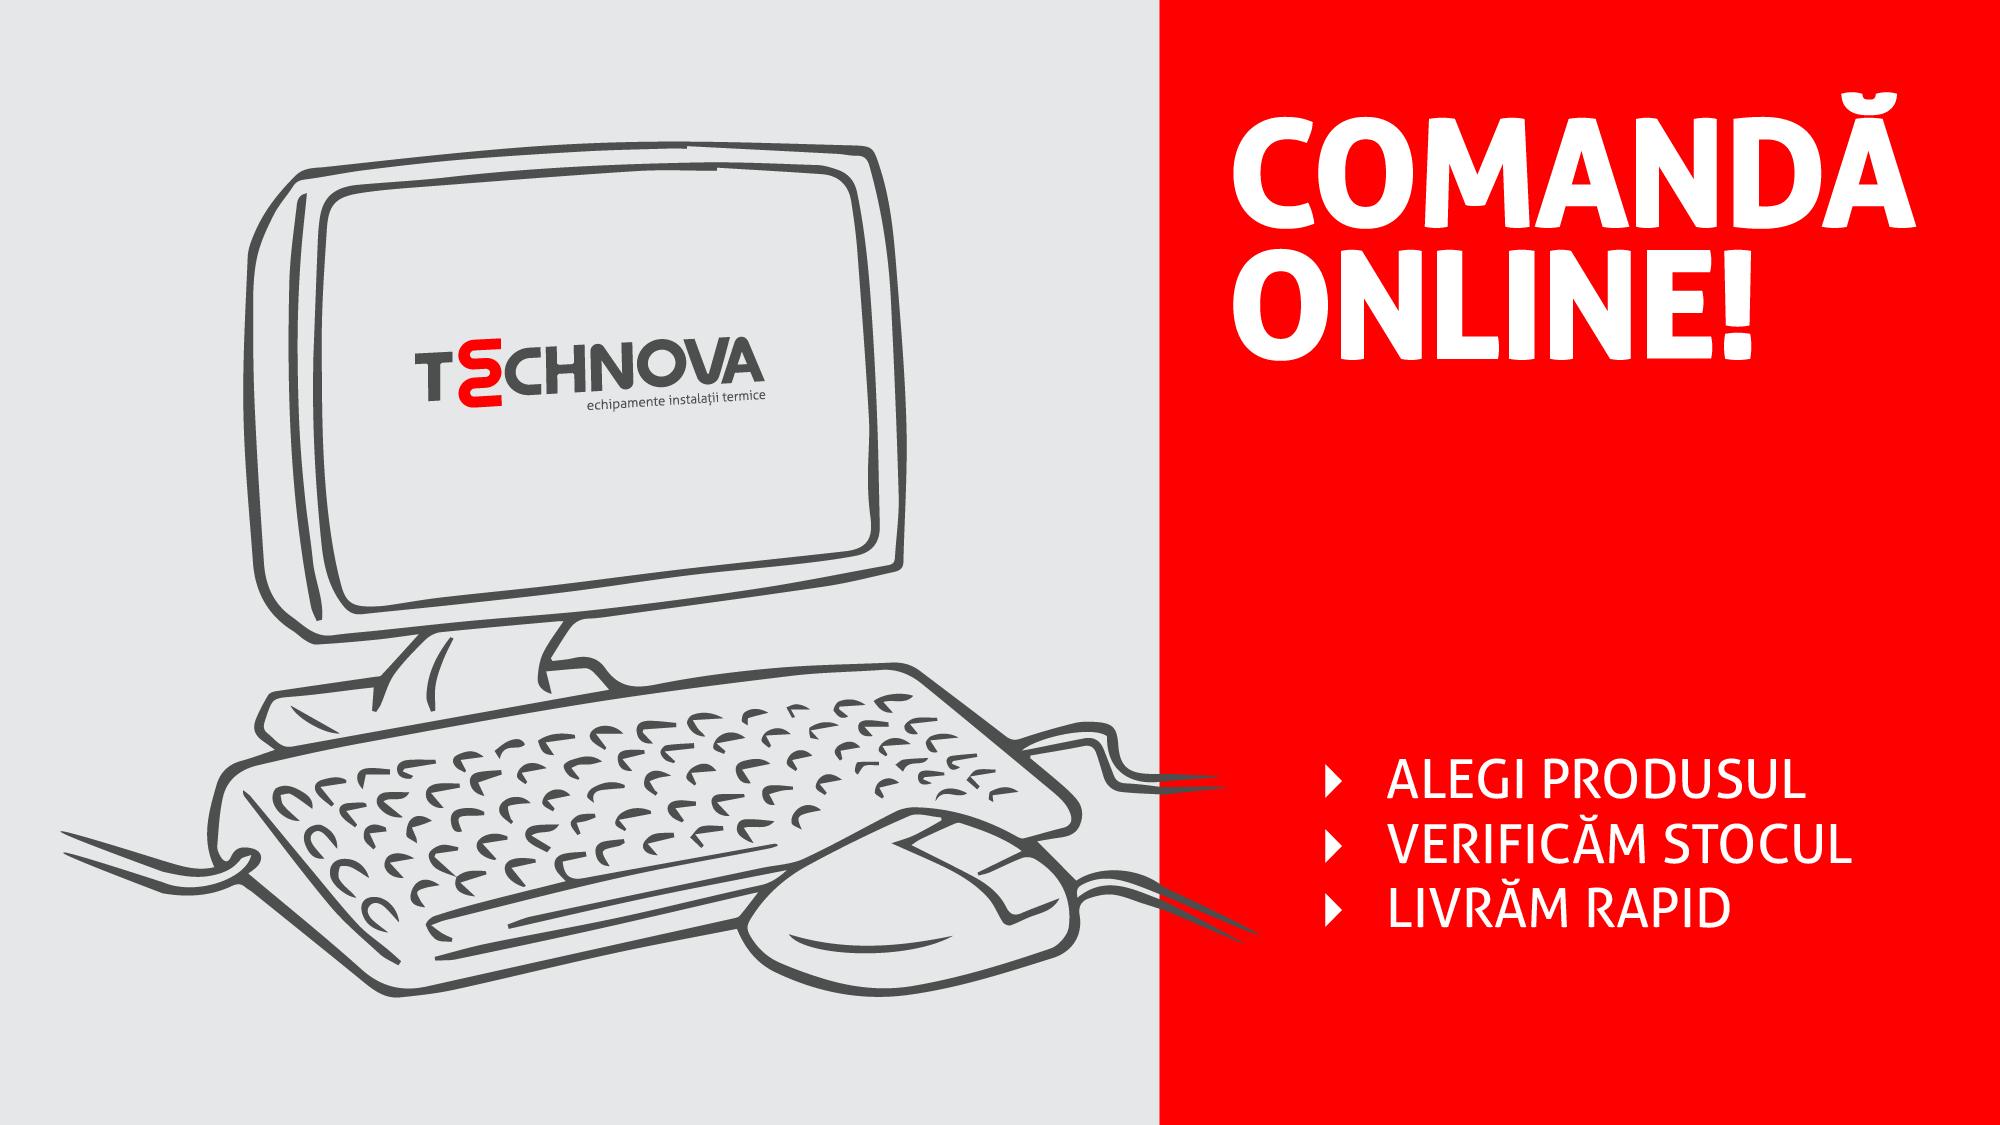 Technova - Shop online